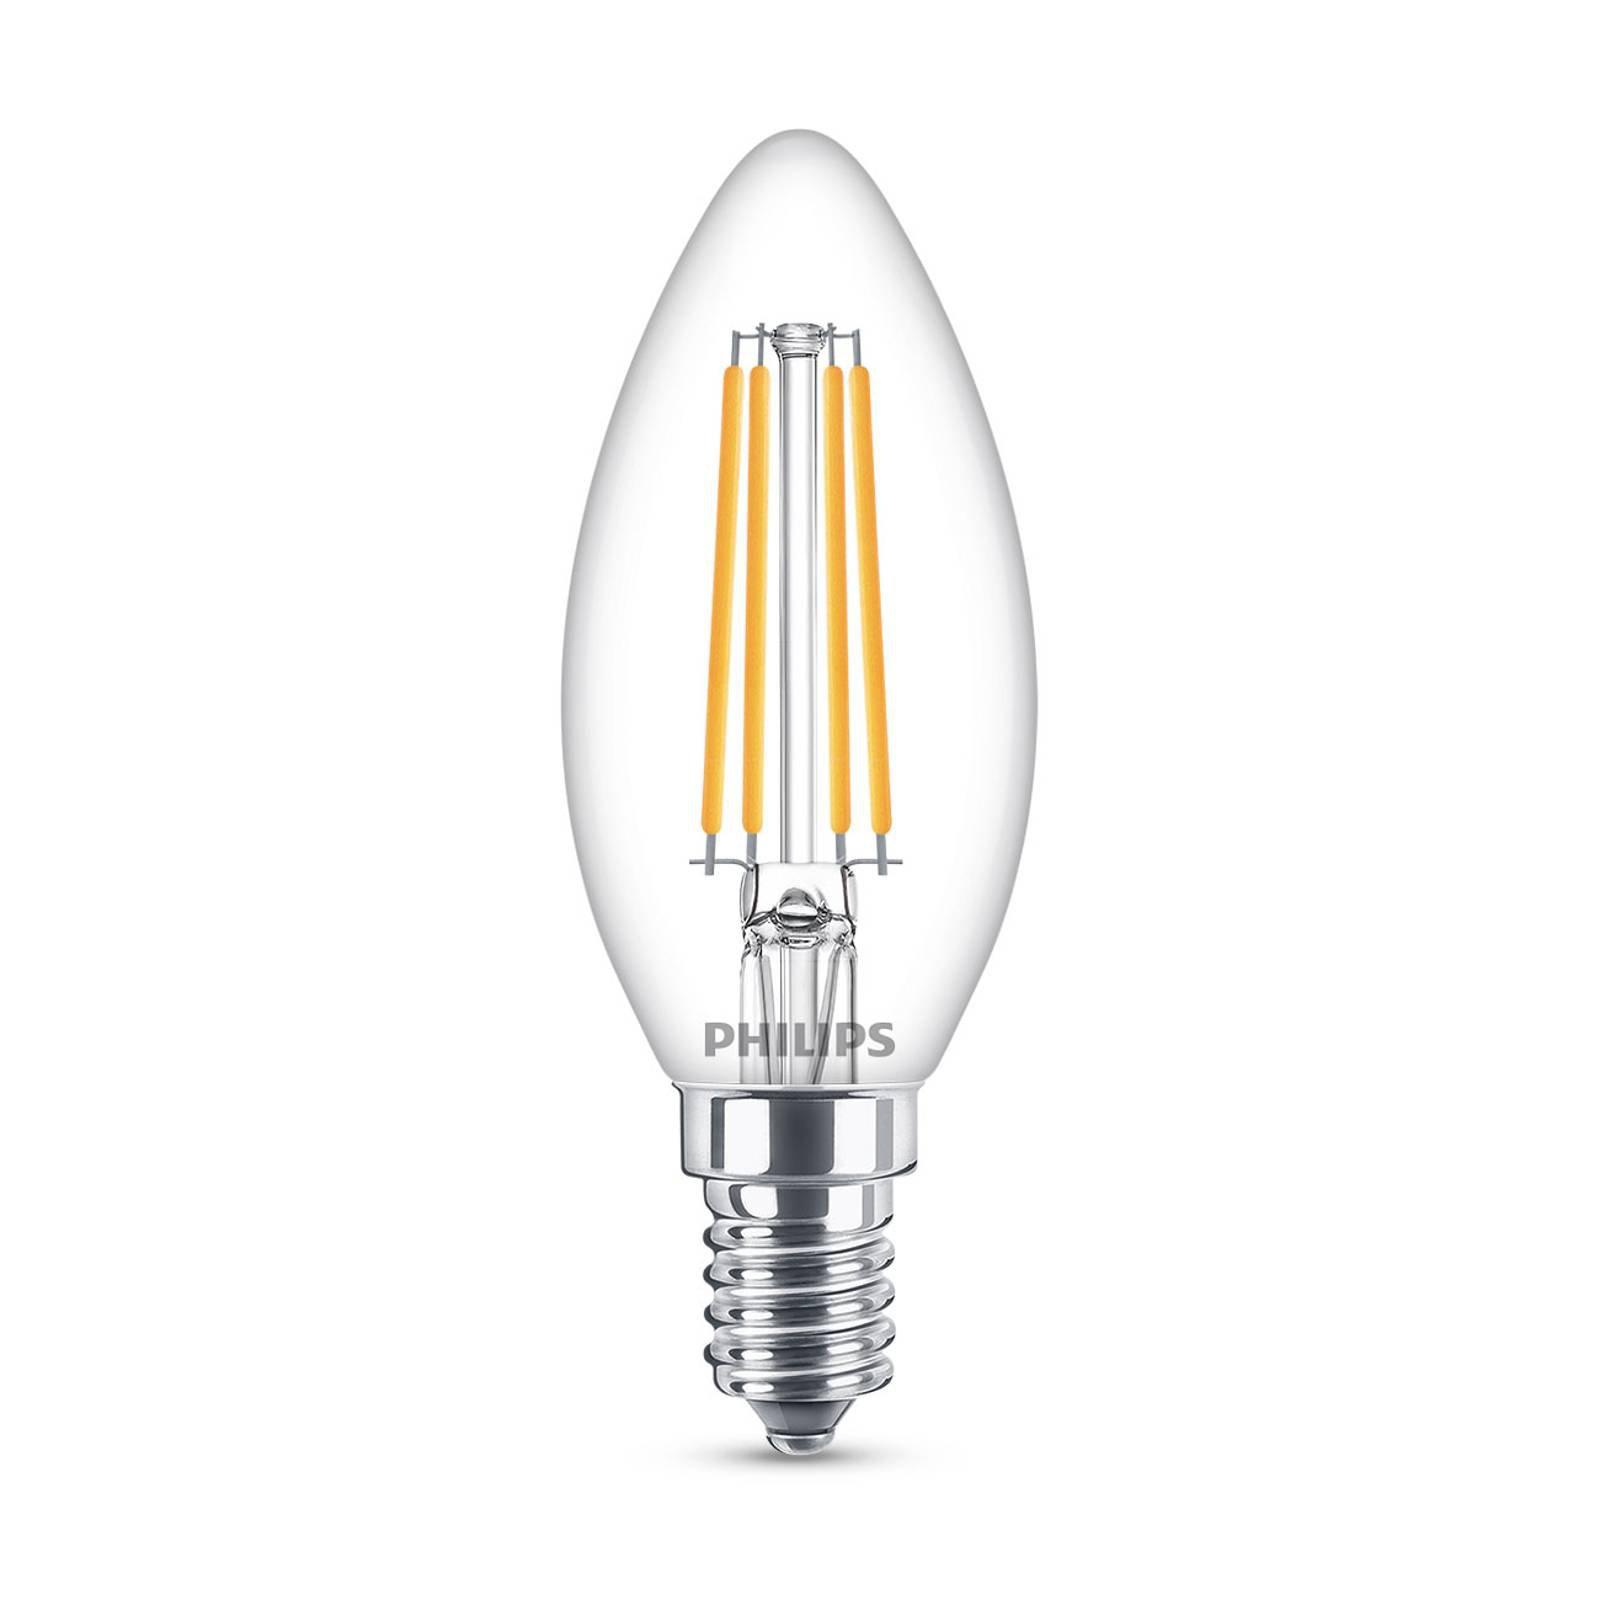 Philips Classic LED-pære E14 B35 6,5W 2 700 K klar